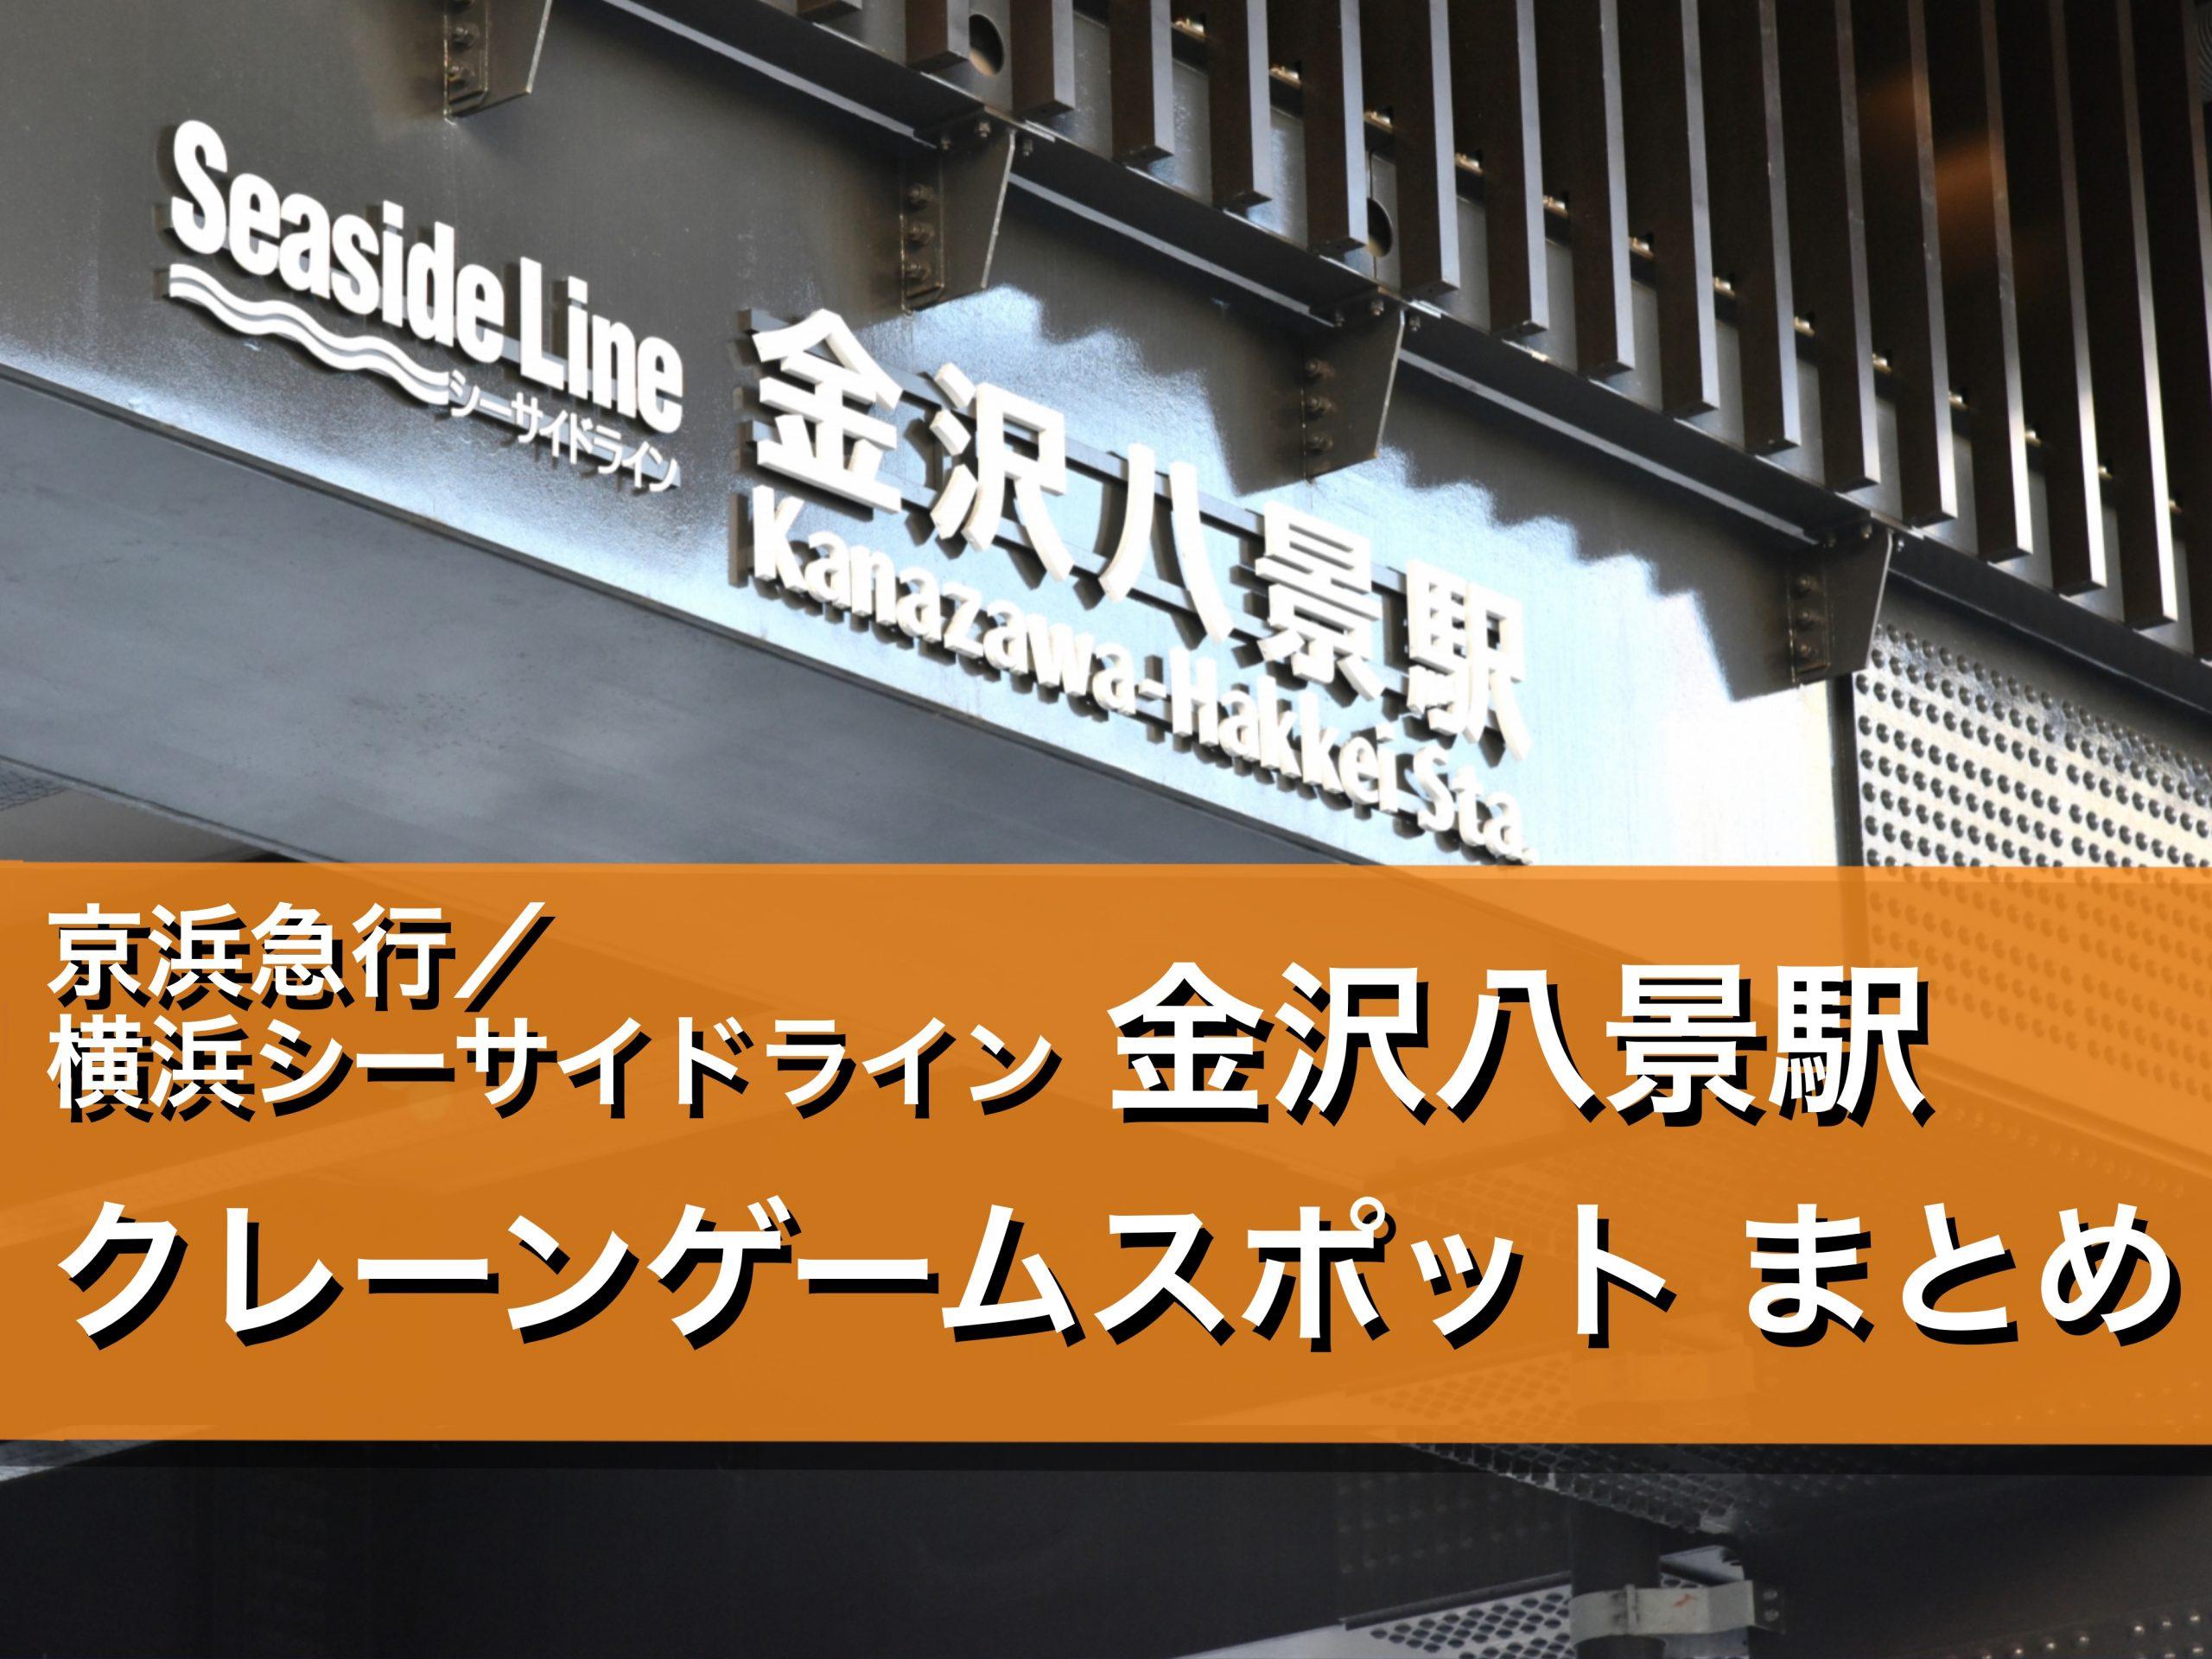 【金沢八景駅】クレーンゲームができる場所